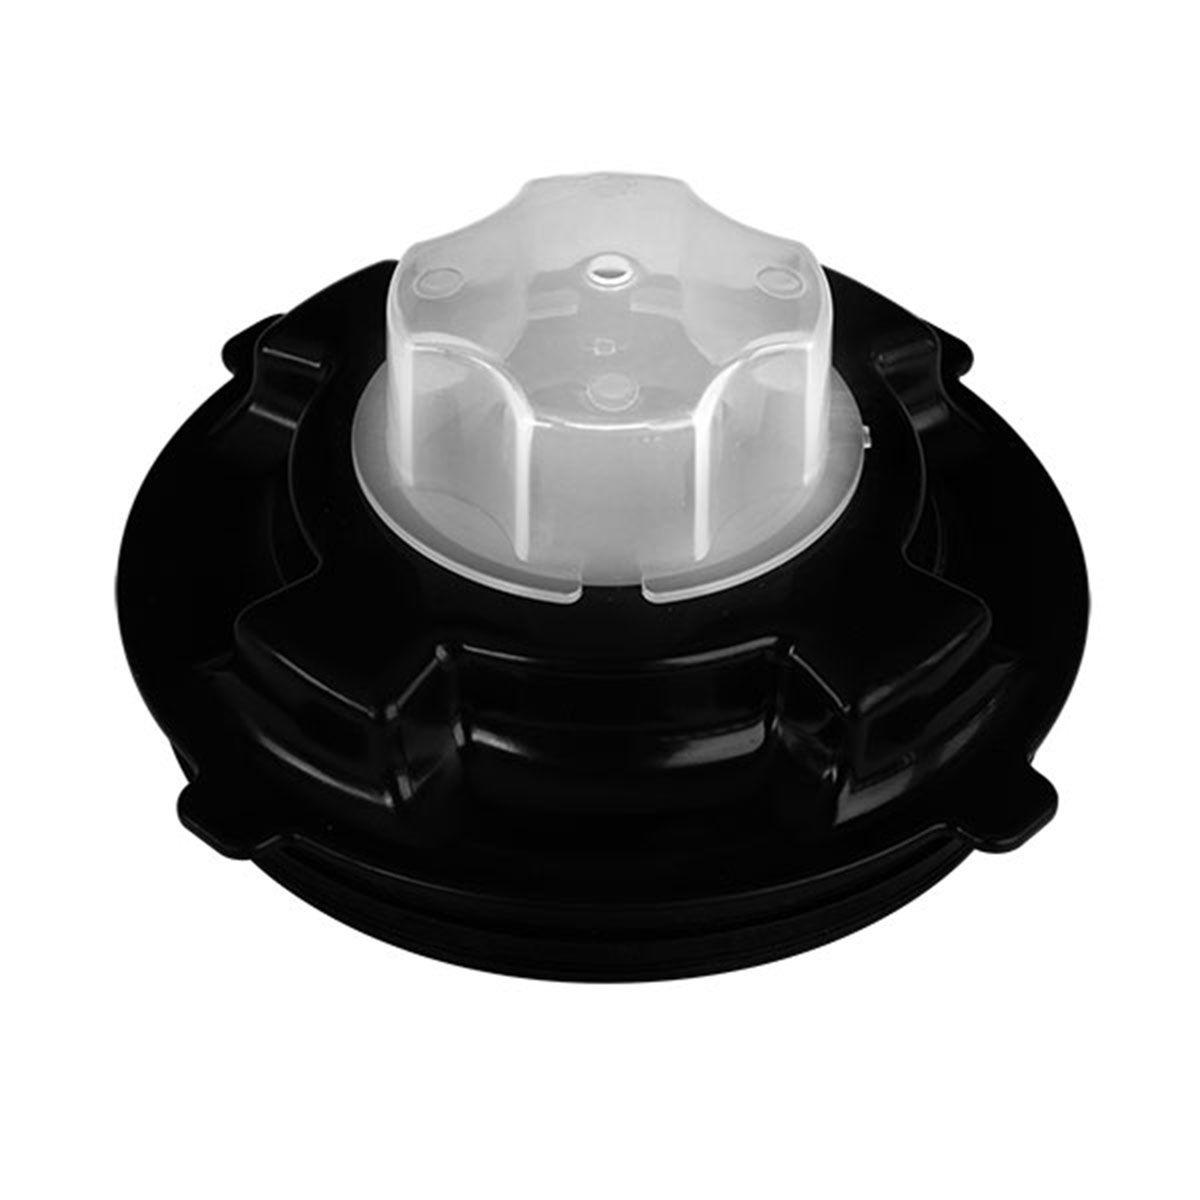 Liquidificador Industrial Attak 10 Litros Baixa Rotação Inox